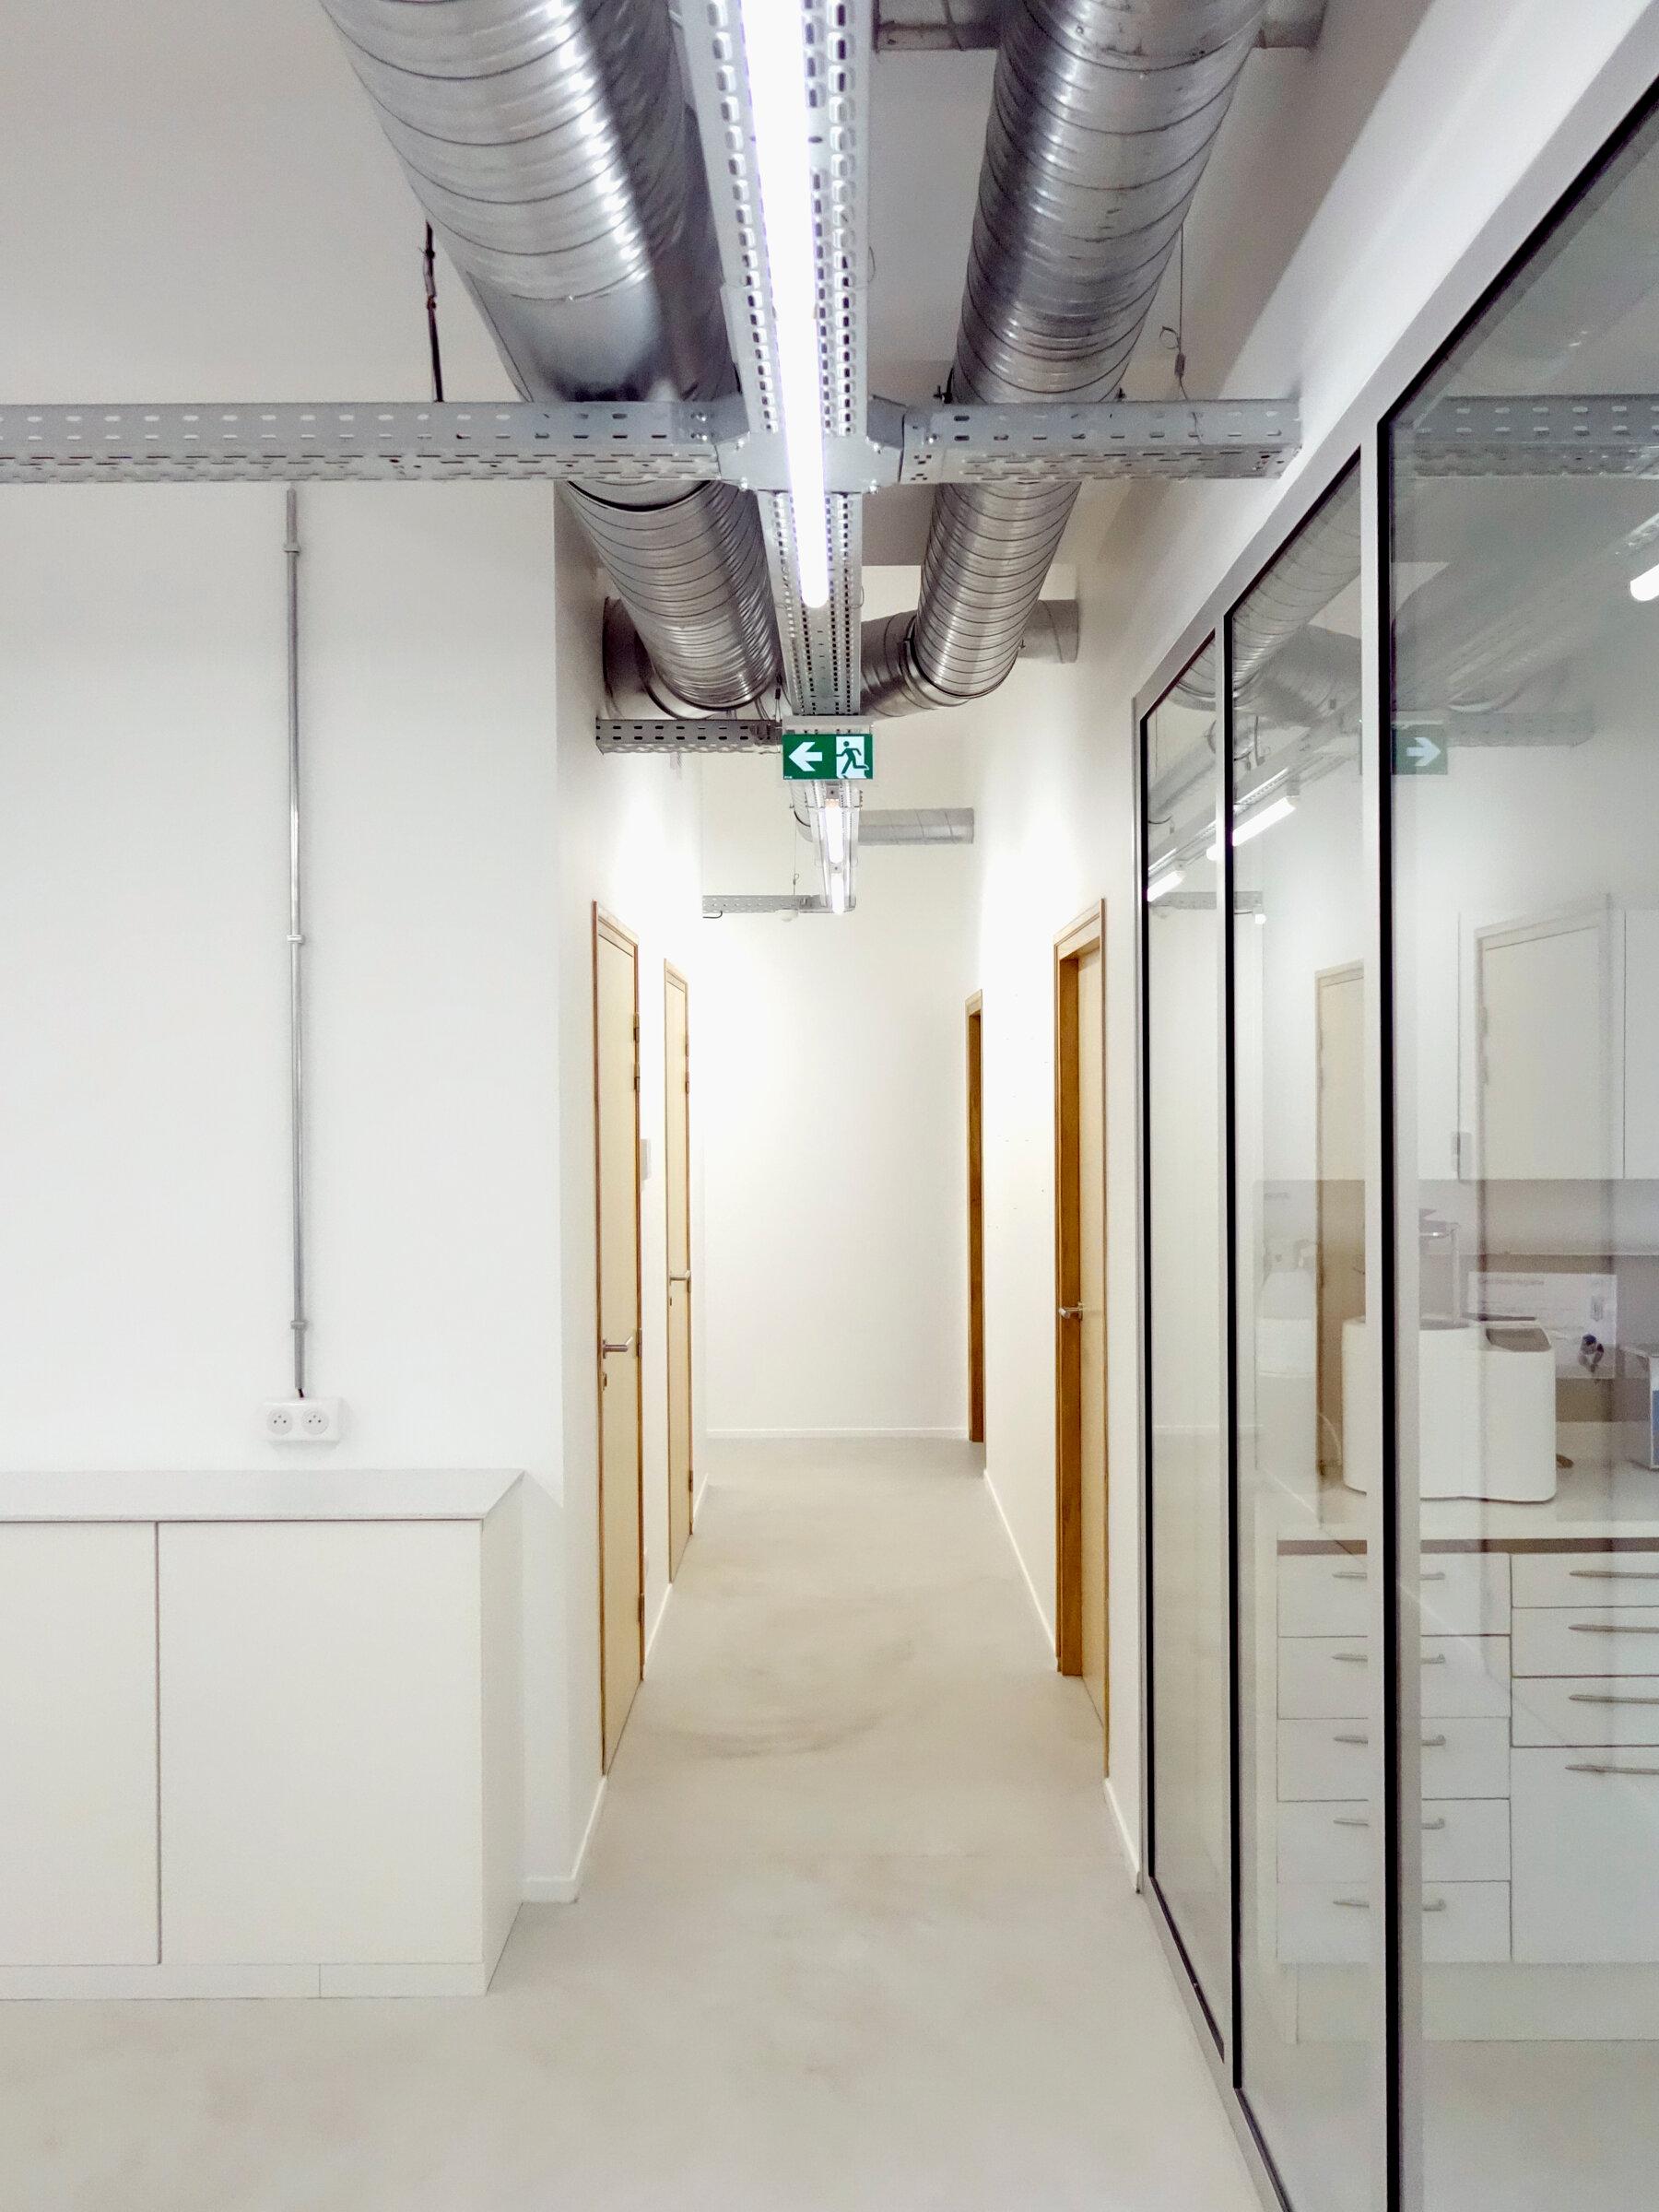 ESPACES PARTAGÉS - Rénovation et agrandissement d'un centre dentaire, Epernay (51)